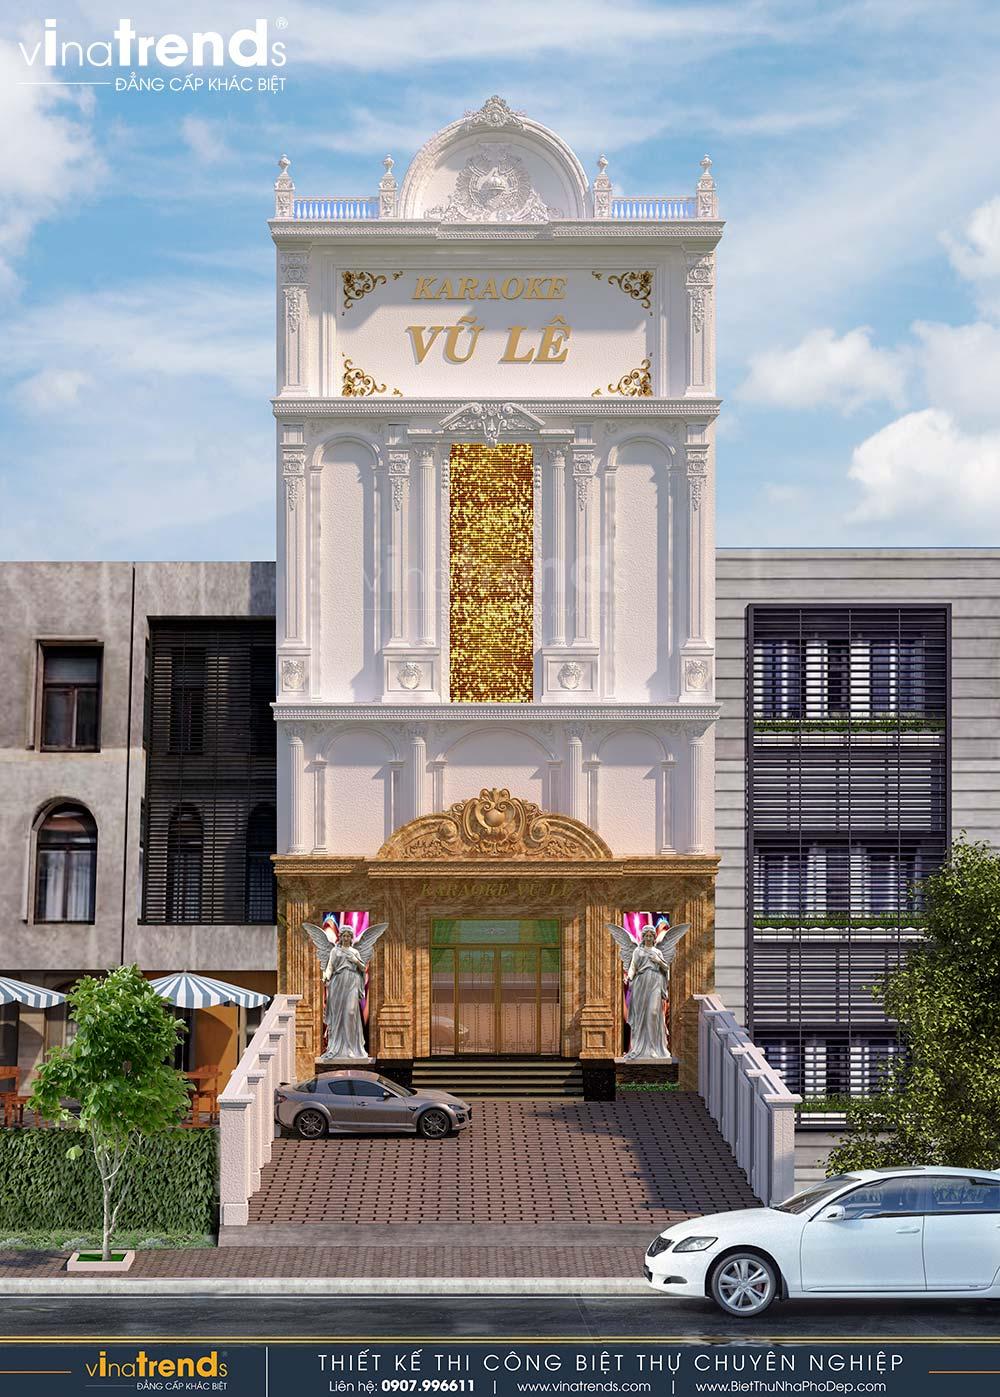 thiet ke nha biet thu kinh doanh karaoke co dien 4 tang dep nhat Phong thủy nhà ở theo tuổi 1978 Mậu Ngọ đầy đủ và mới nhất